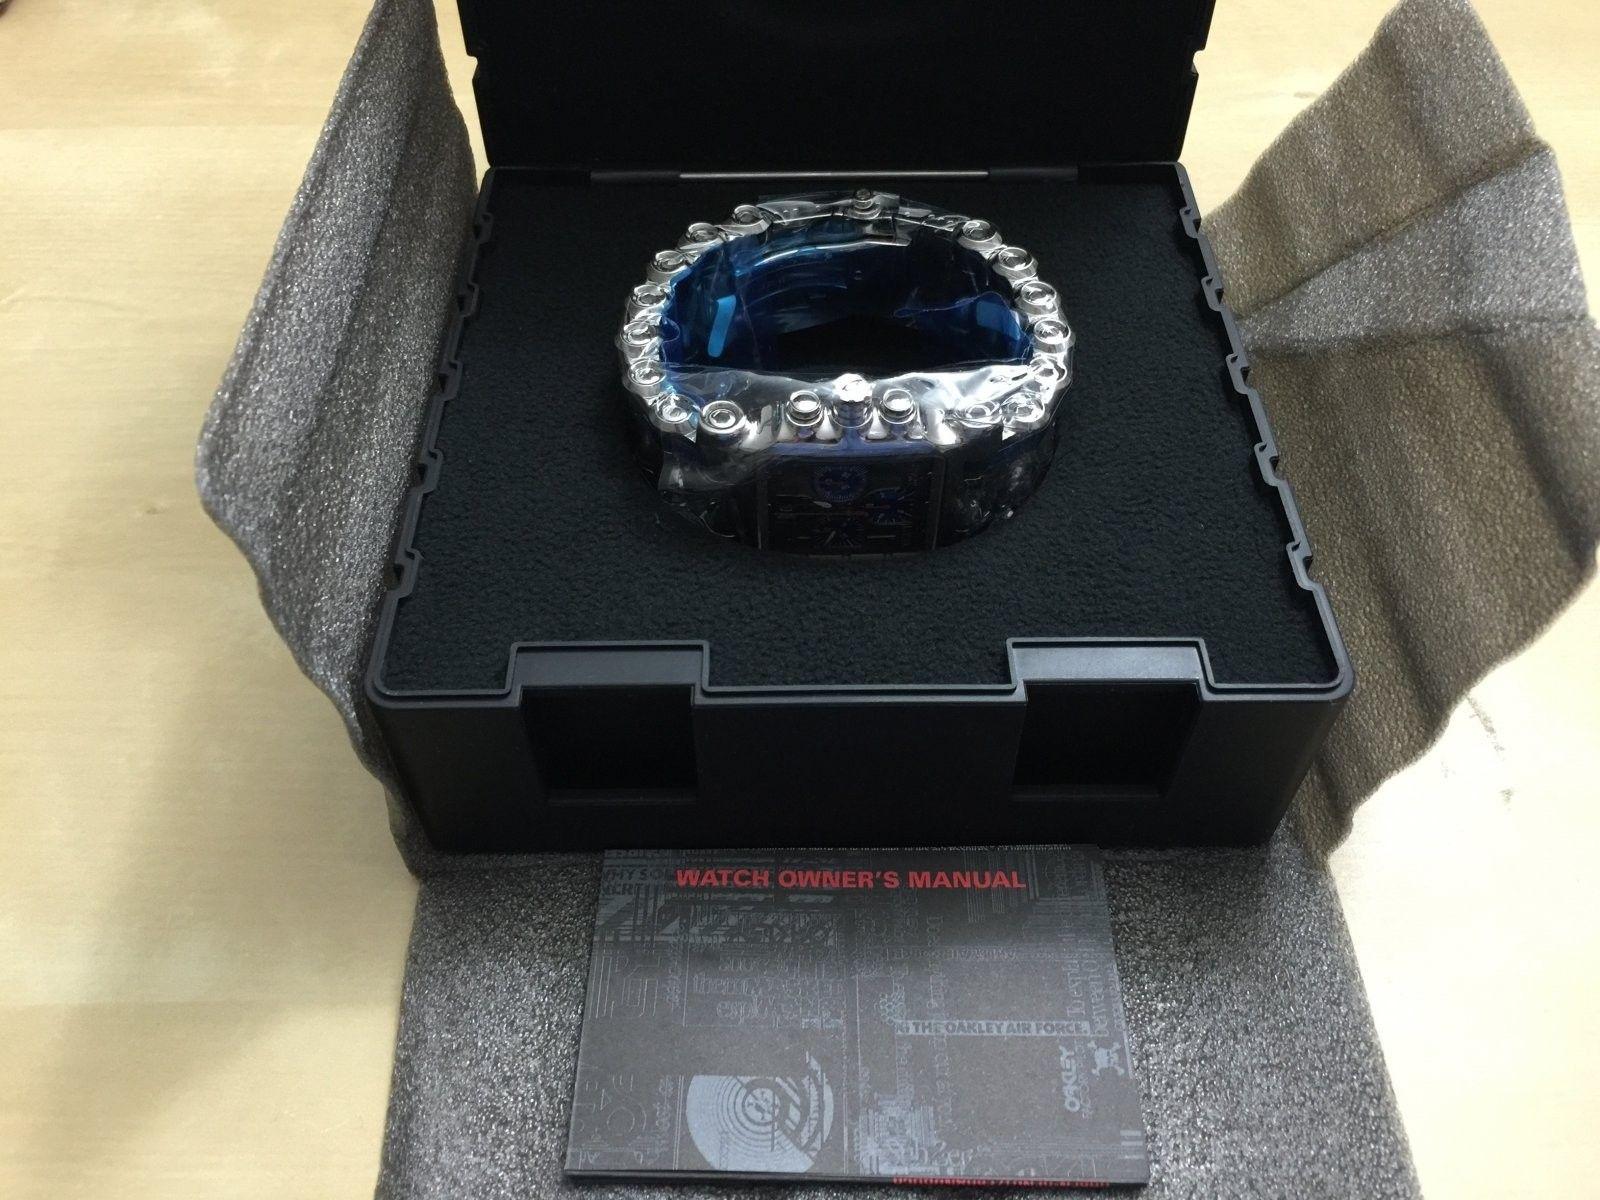 BNIB Polished Blue Minute Machine - GONE - IMG_5567.JPG